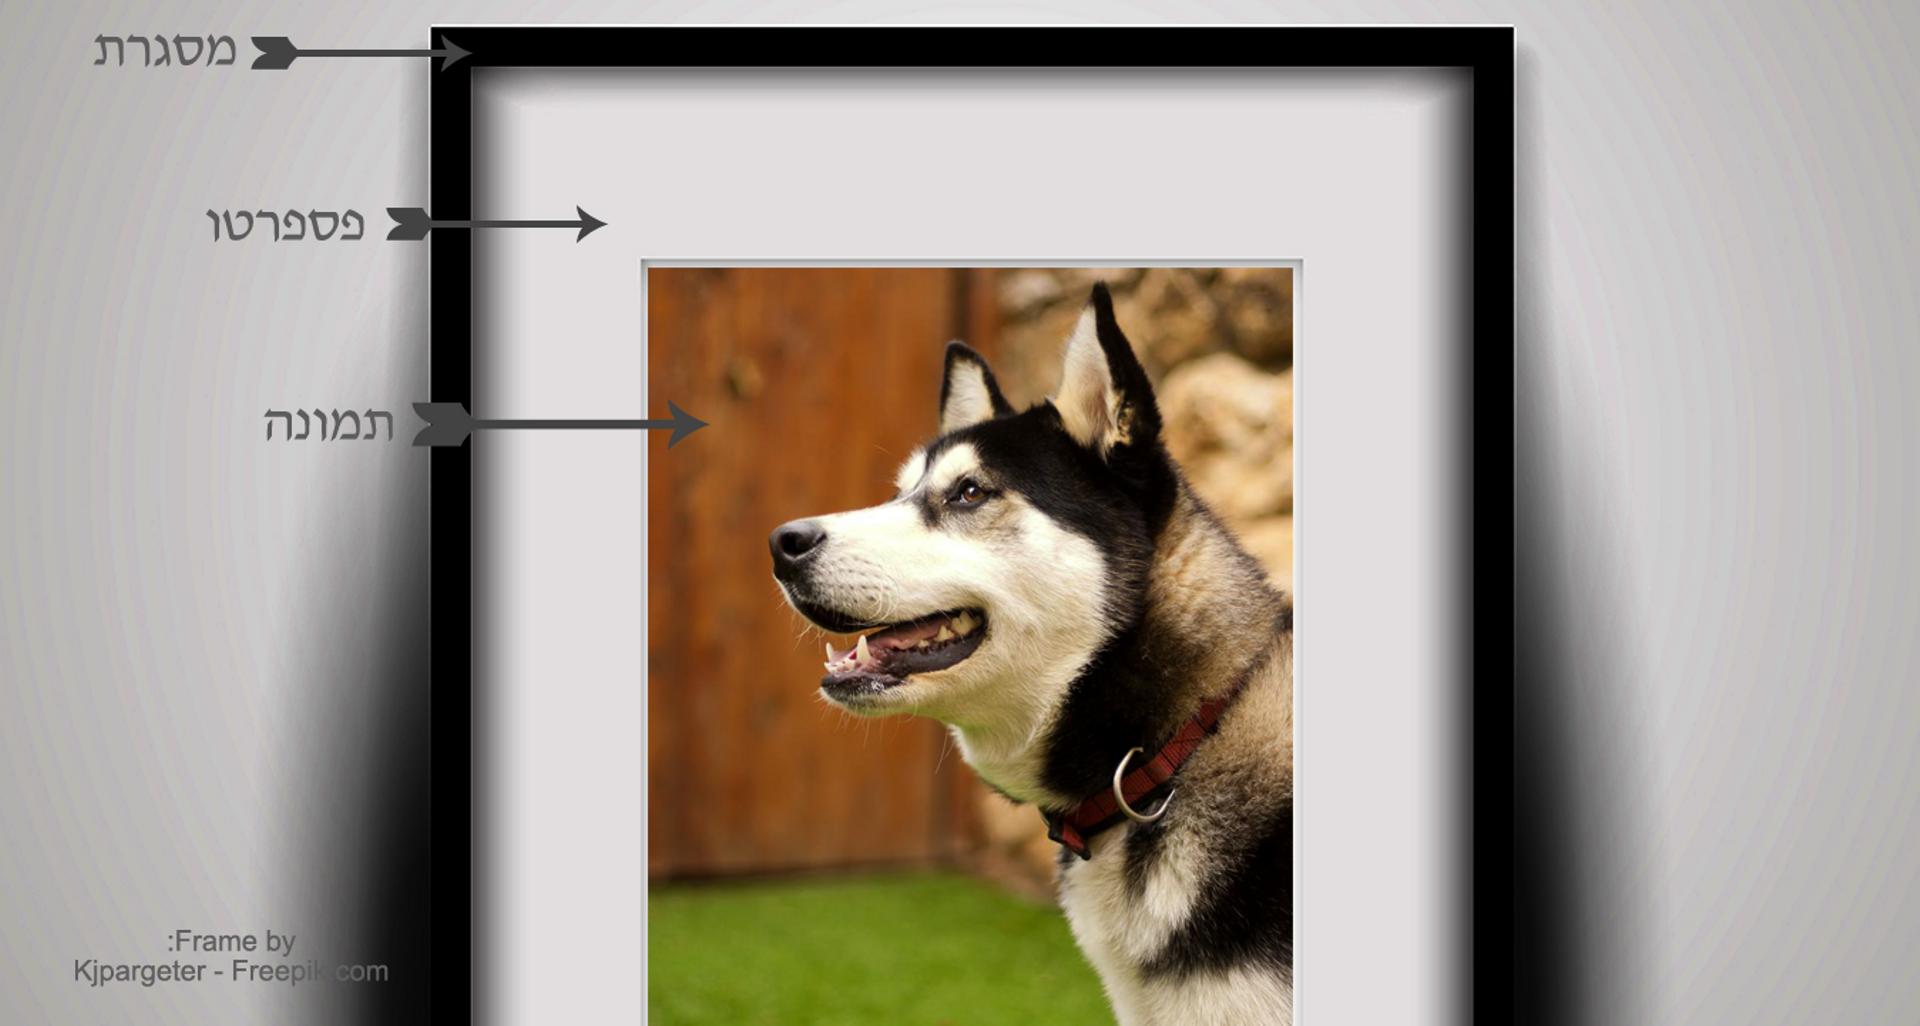 =מסגרת תמונה איכותית דגם FR9193, כולל הדפסת תמונה.